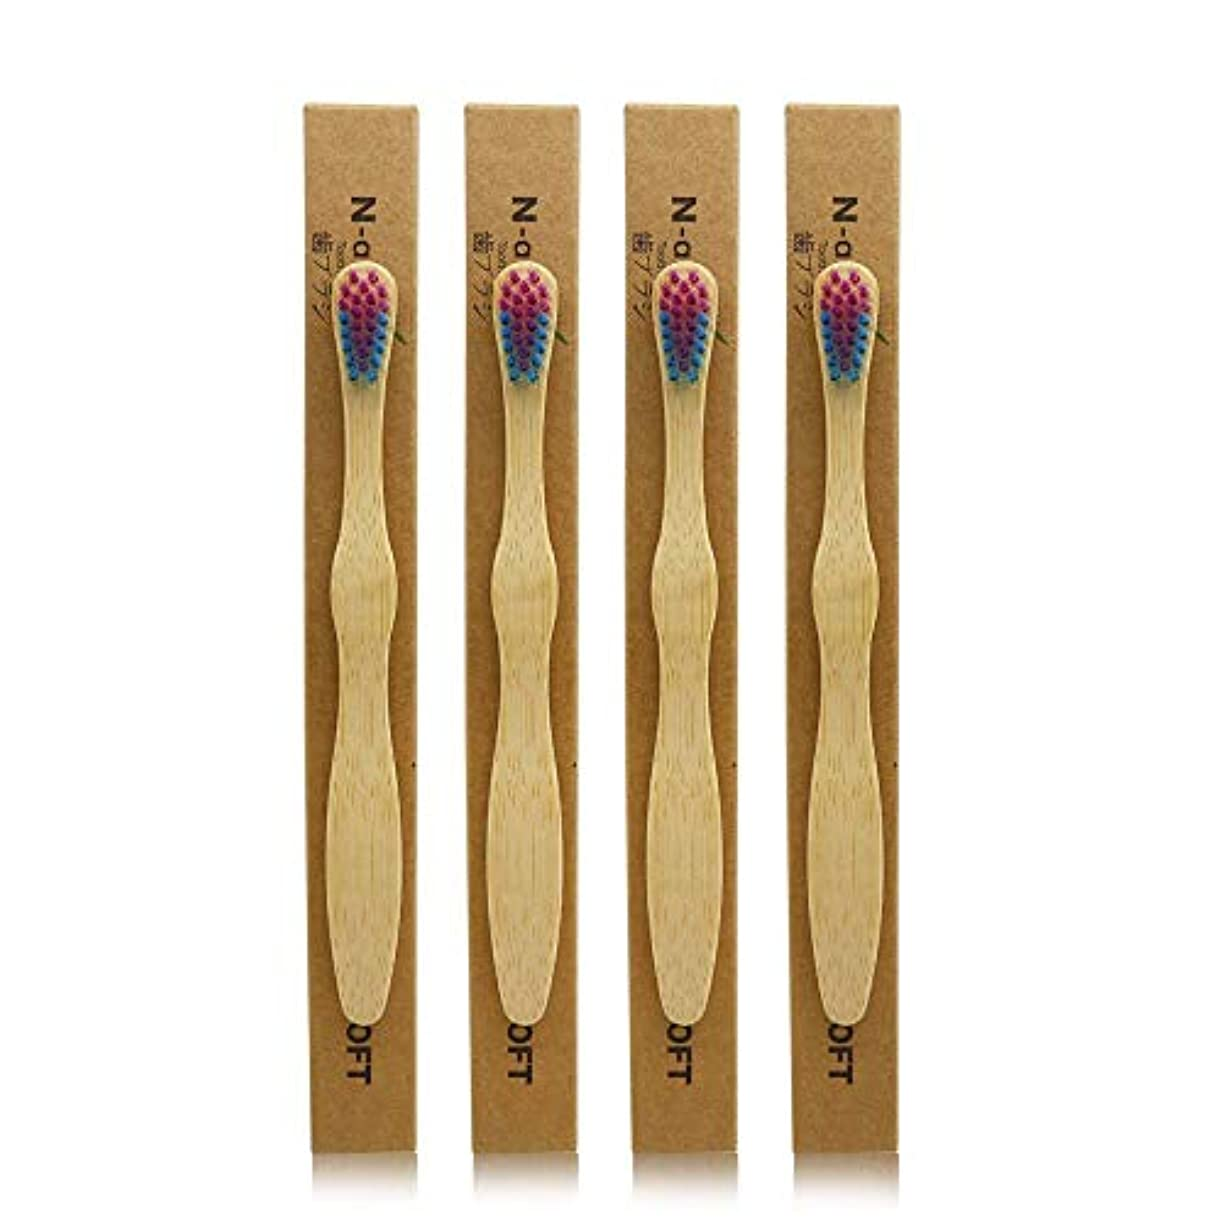 脱走支出悩みN-amboo 竹製耐久度高い 子供 歯ブラシ エコ 4本入り セット むらさきいろ